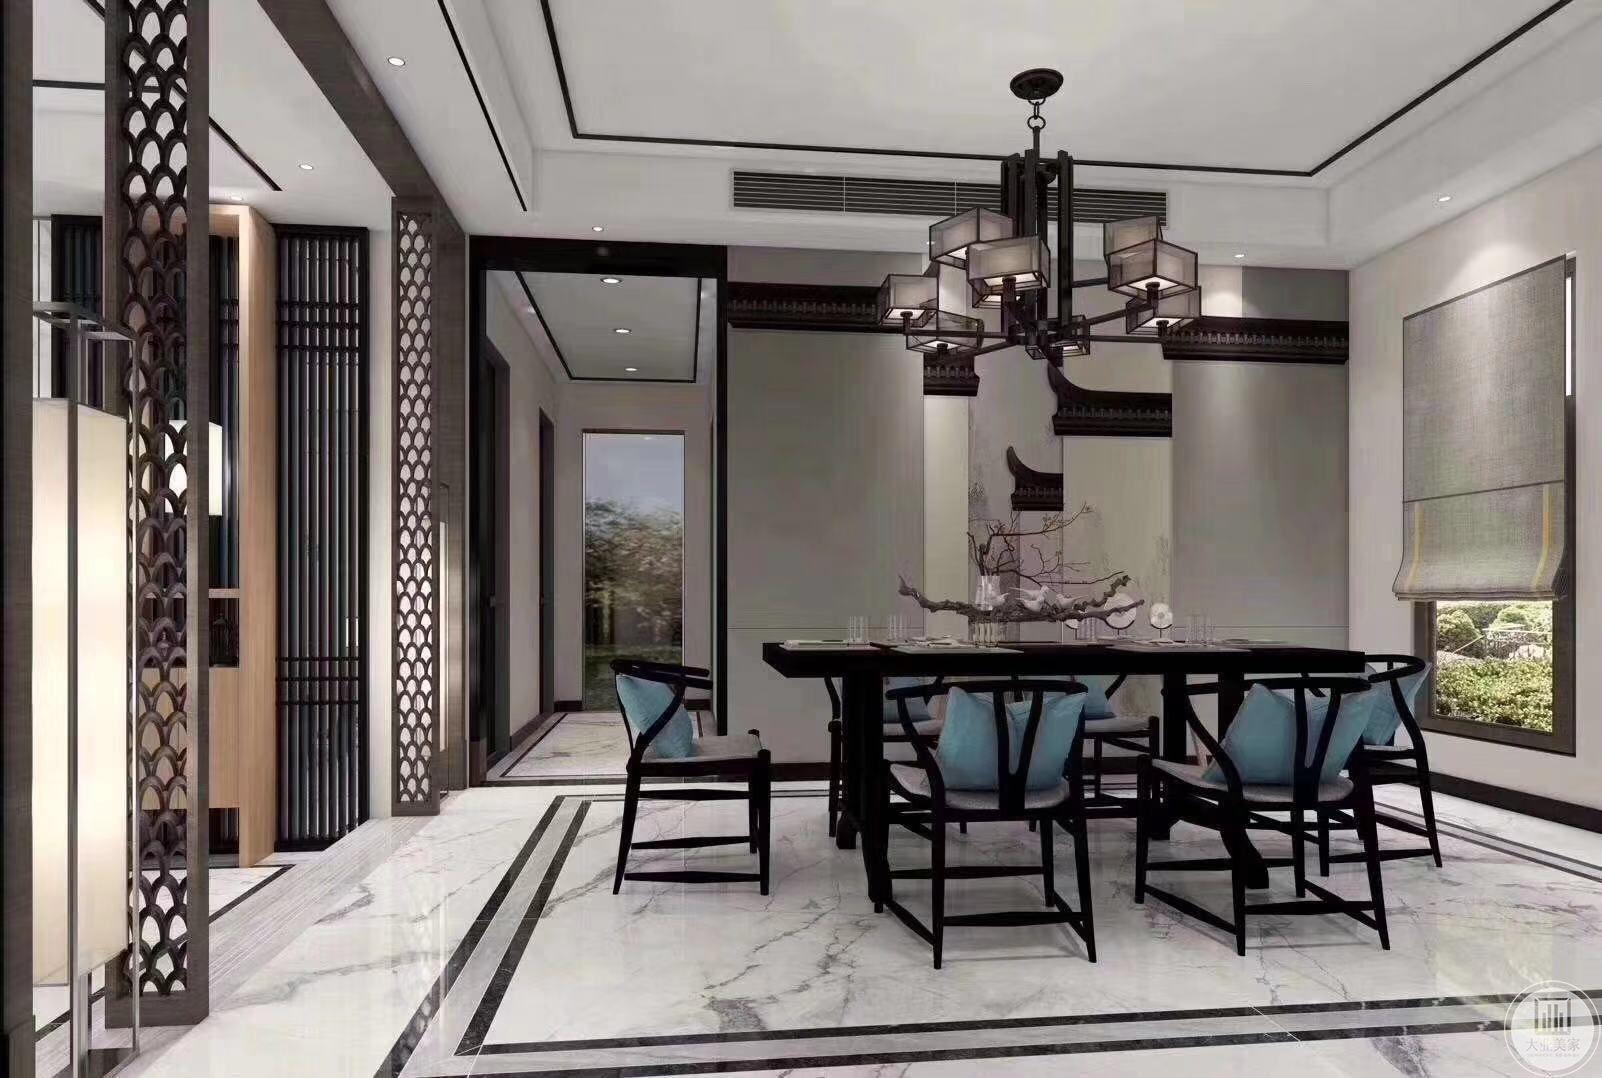 餐厅延续整案大气简洁的风格,利用镂空雕花木门,中国风墙绘,实木餐桌椅搭配时尚靠垫,营造一幅惬意的图画,墙上活灵活现的小鸟和欢快就餐的一家人融为一体。